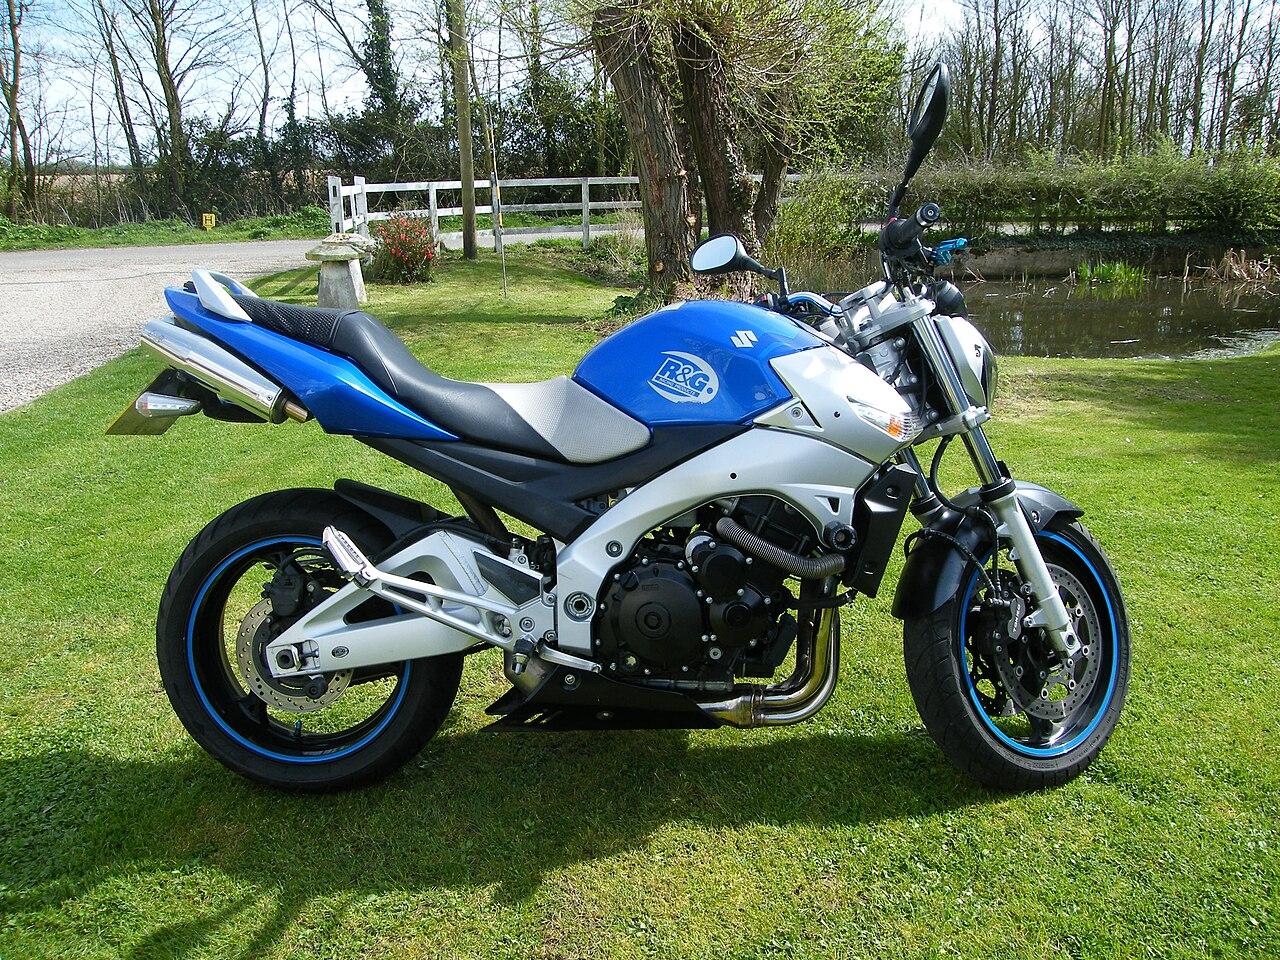 Suzuki Gsr Same As What Bike In Usa Market